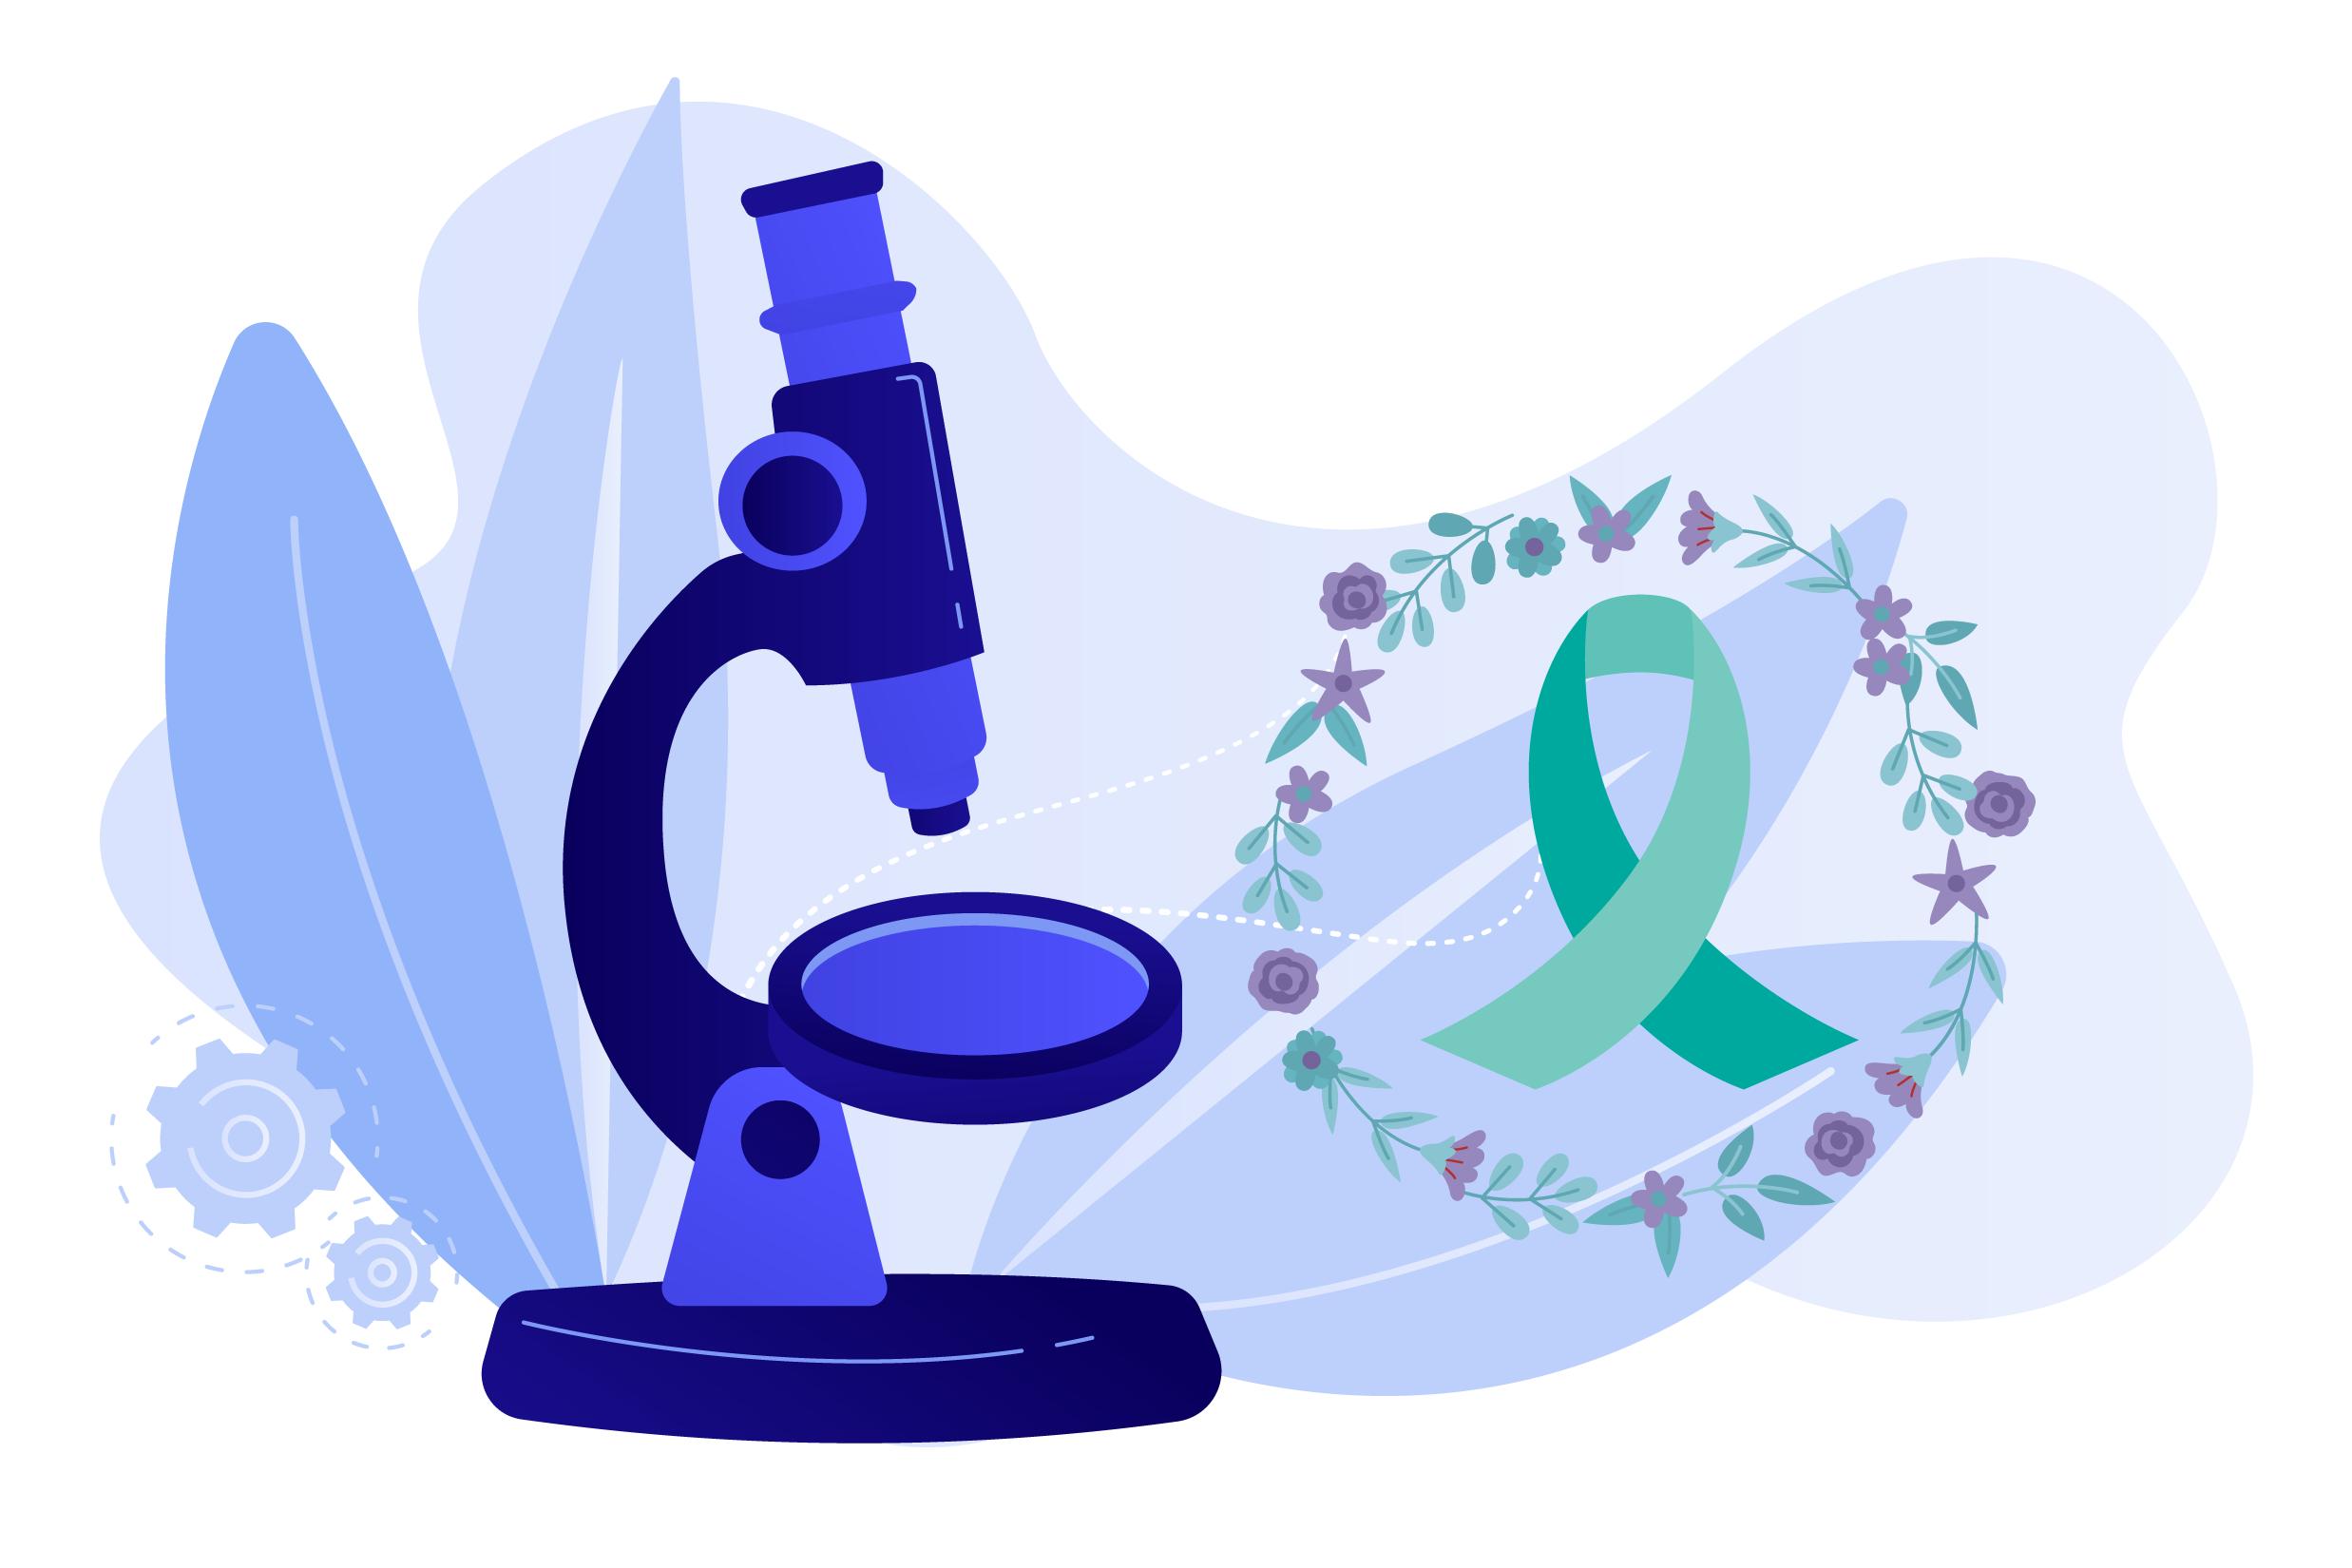 La respuesta ovárica en pacientes oncológicas no se ve impactada por su patología